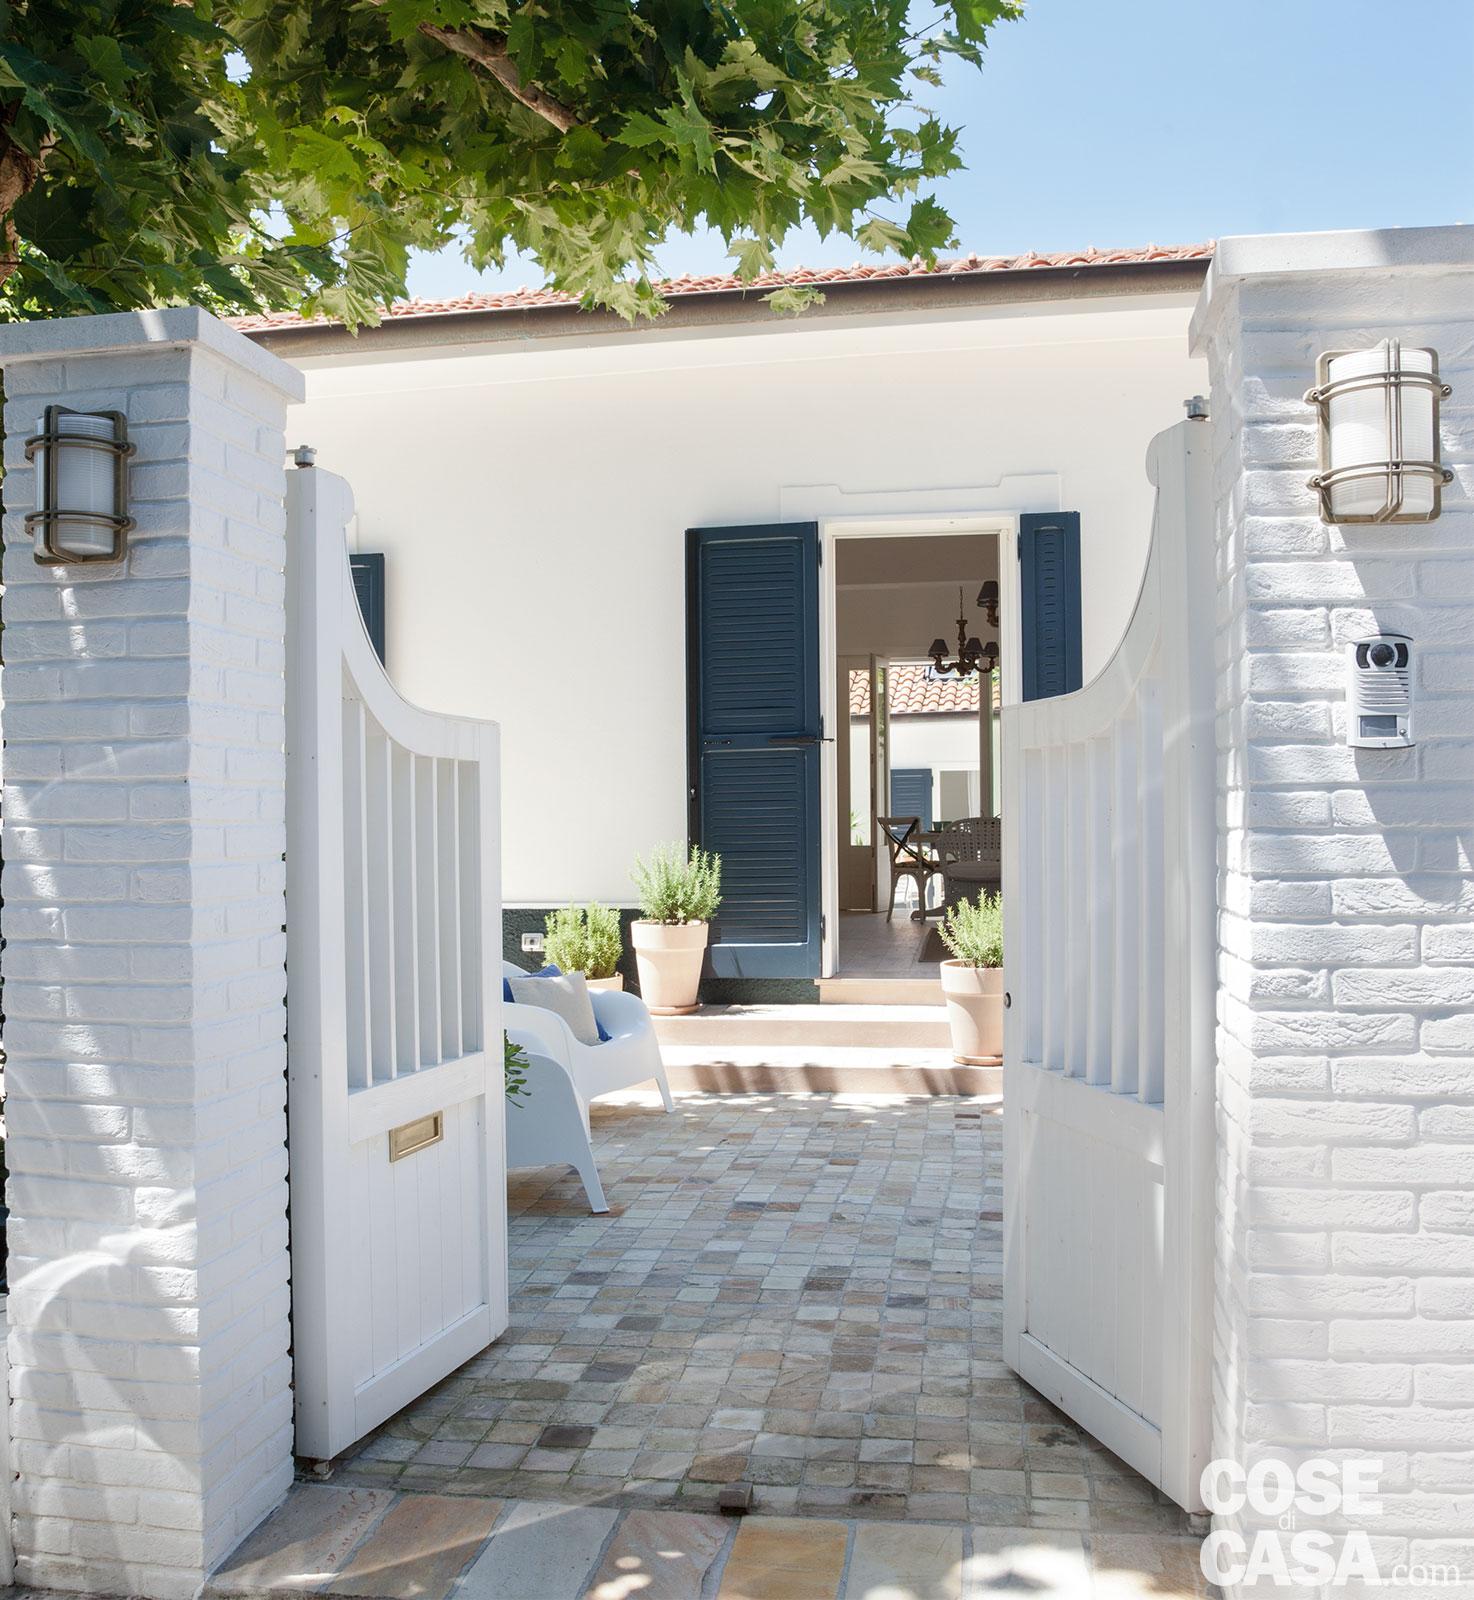 Ingresso Casa Esterno In Pietra villa al mare a riccione, 85 mq + dépendance - cose di casa